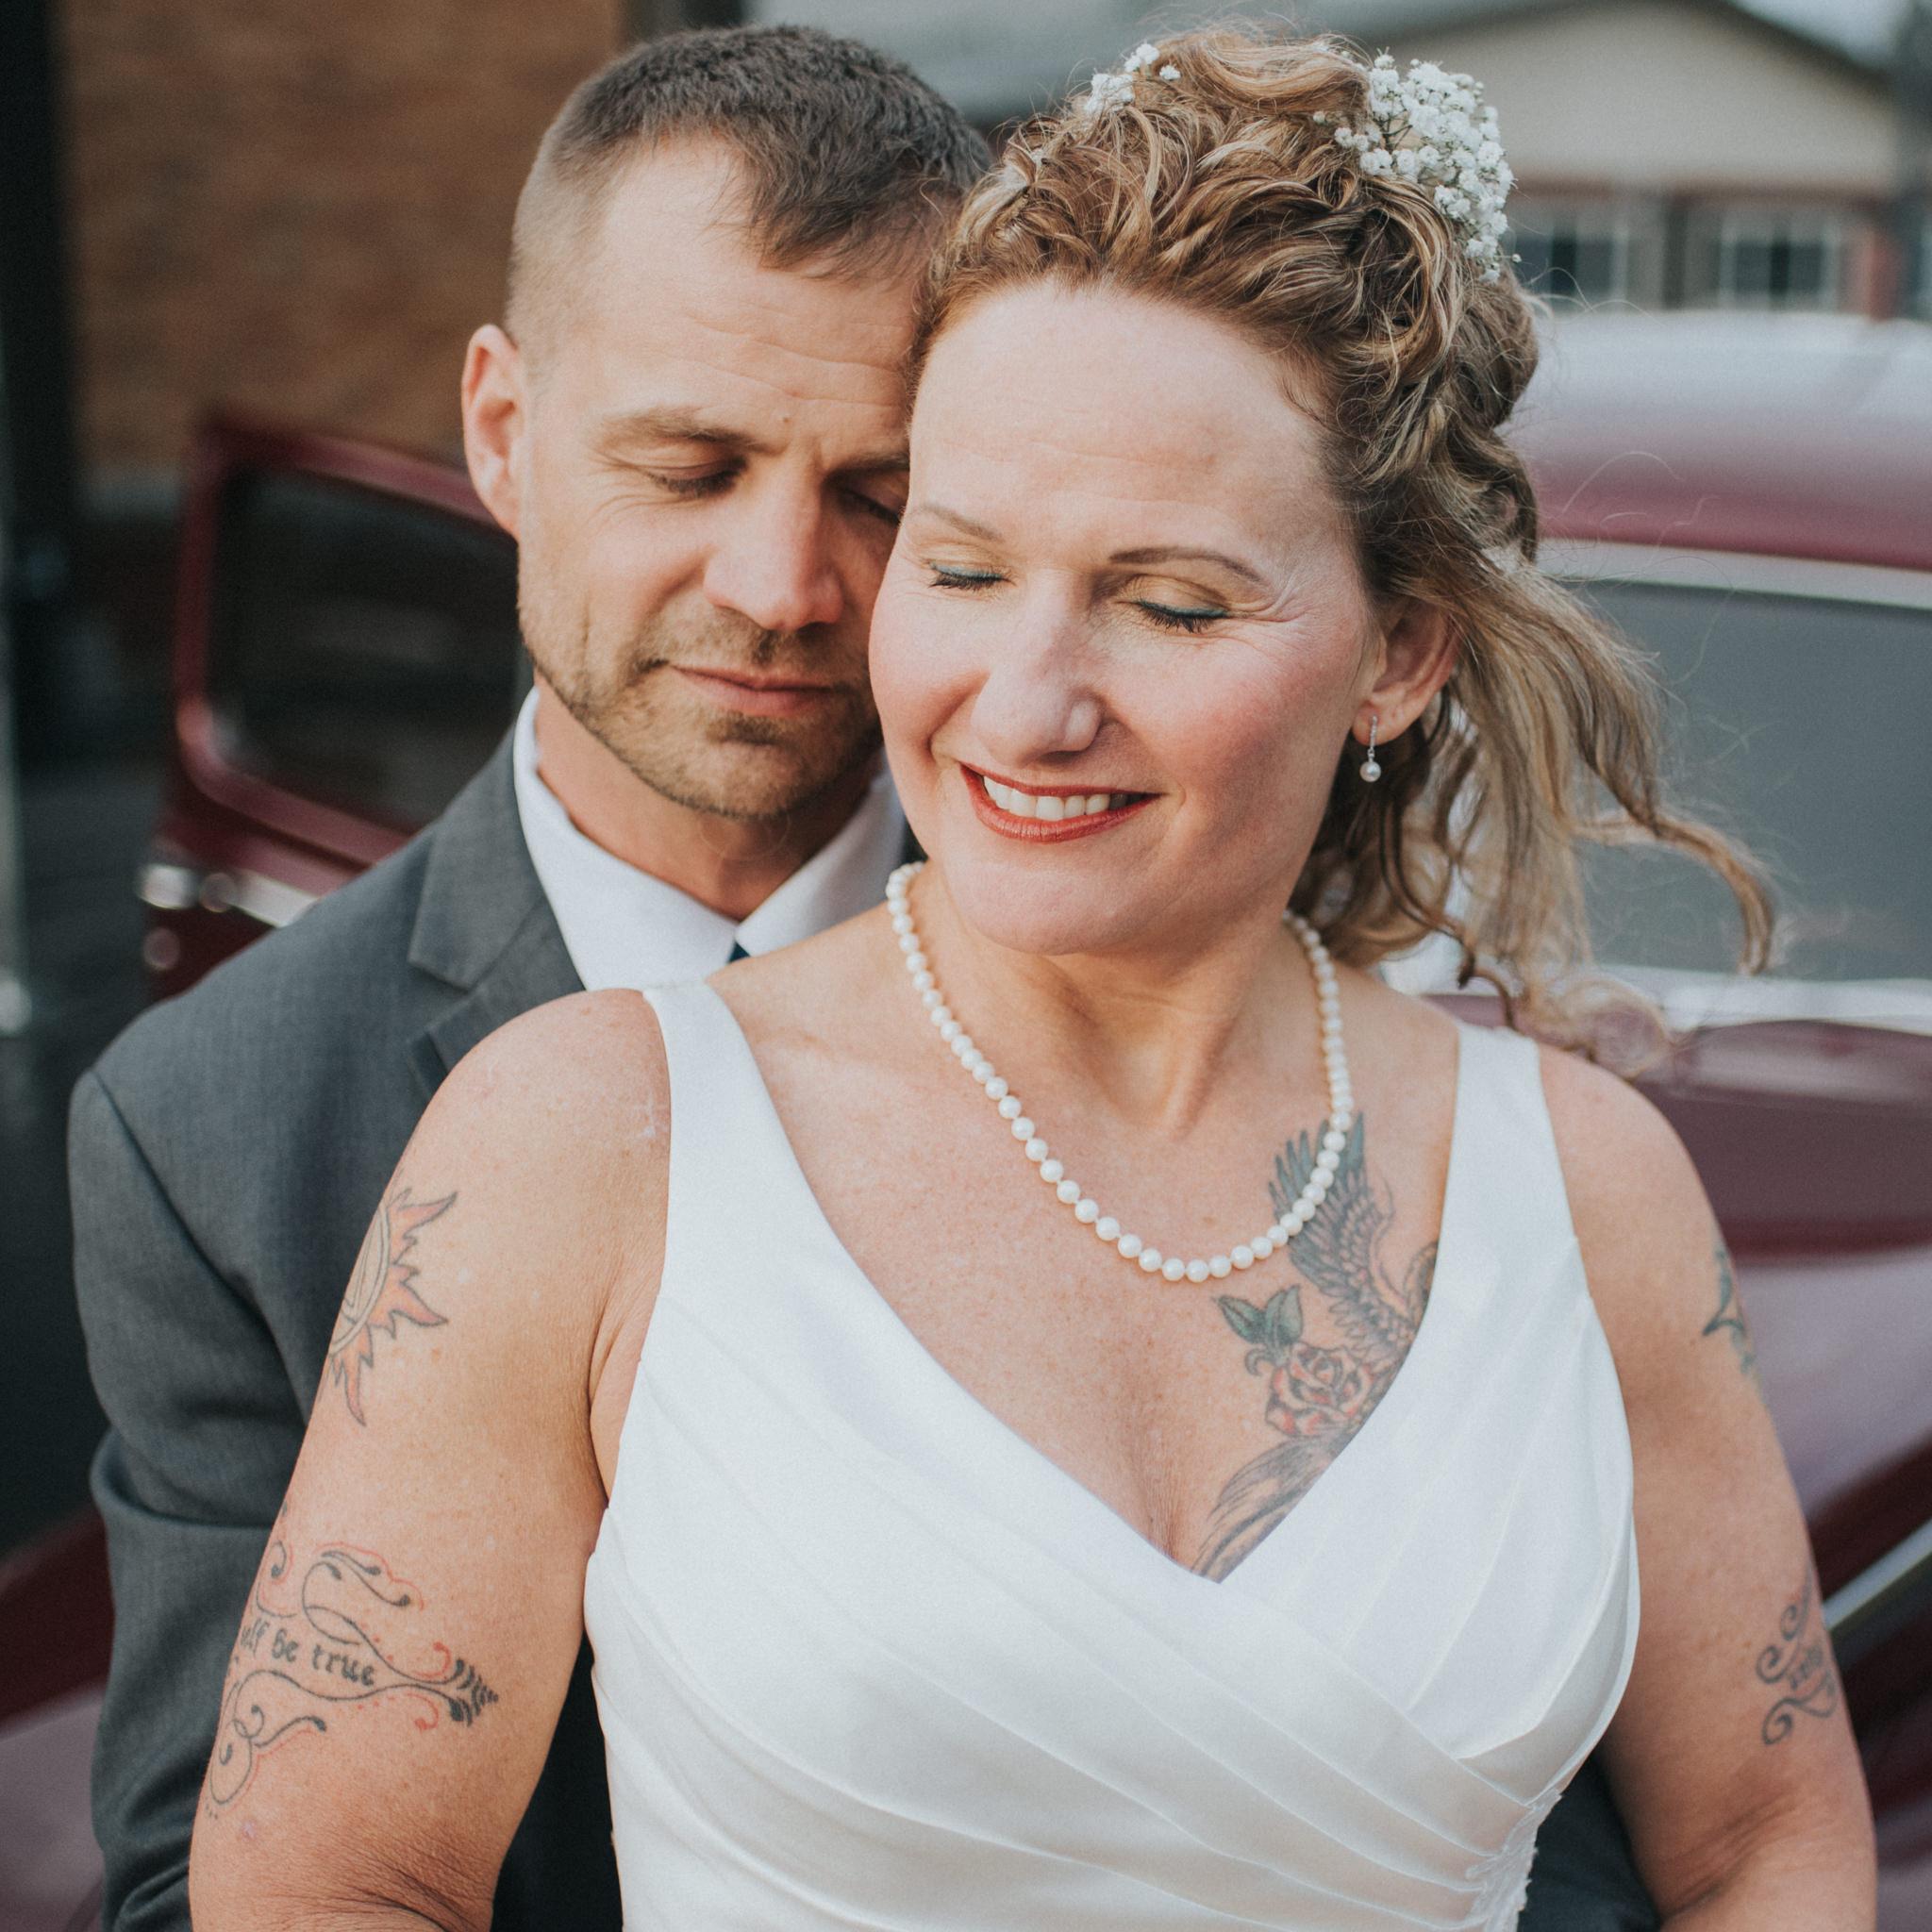 Portland Oregon Wedding Photography | Kai Hayashi Photography